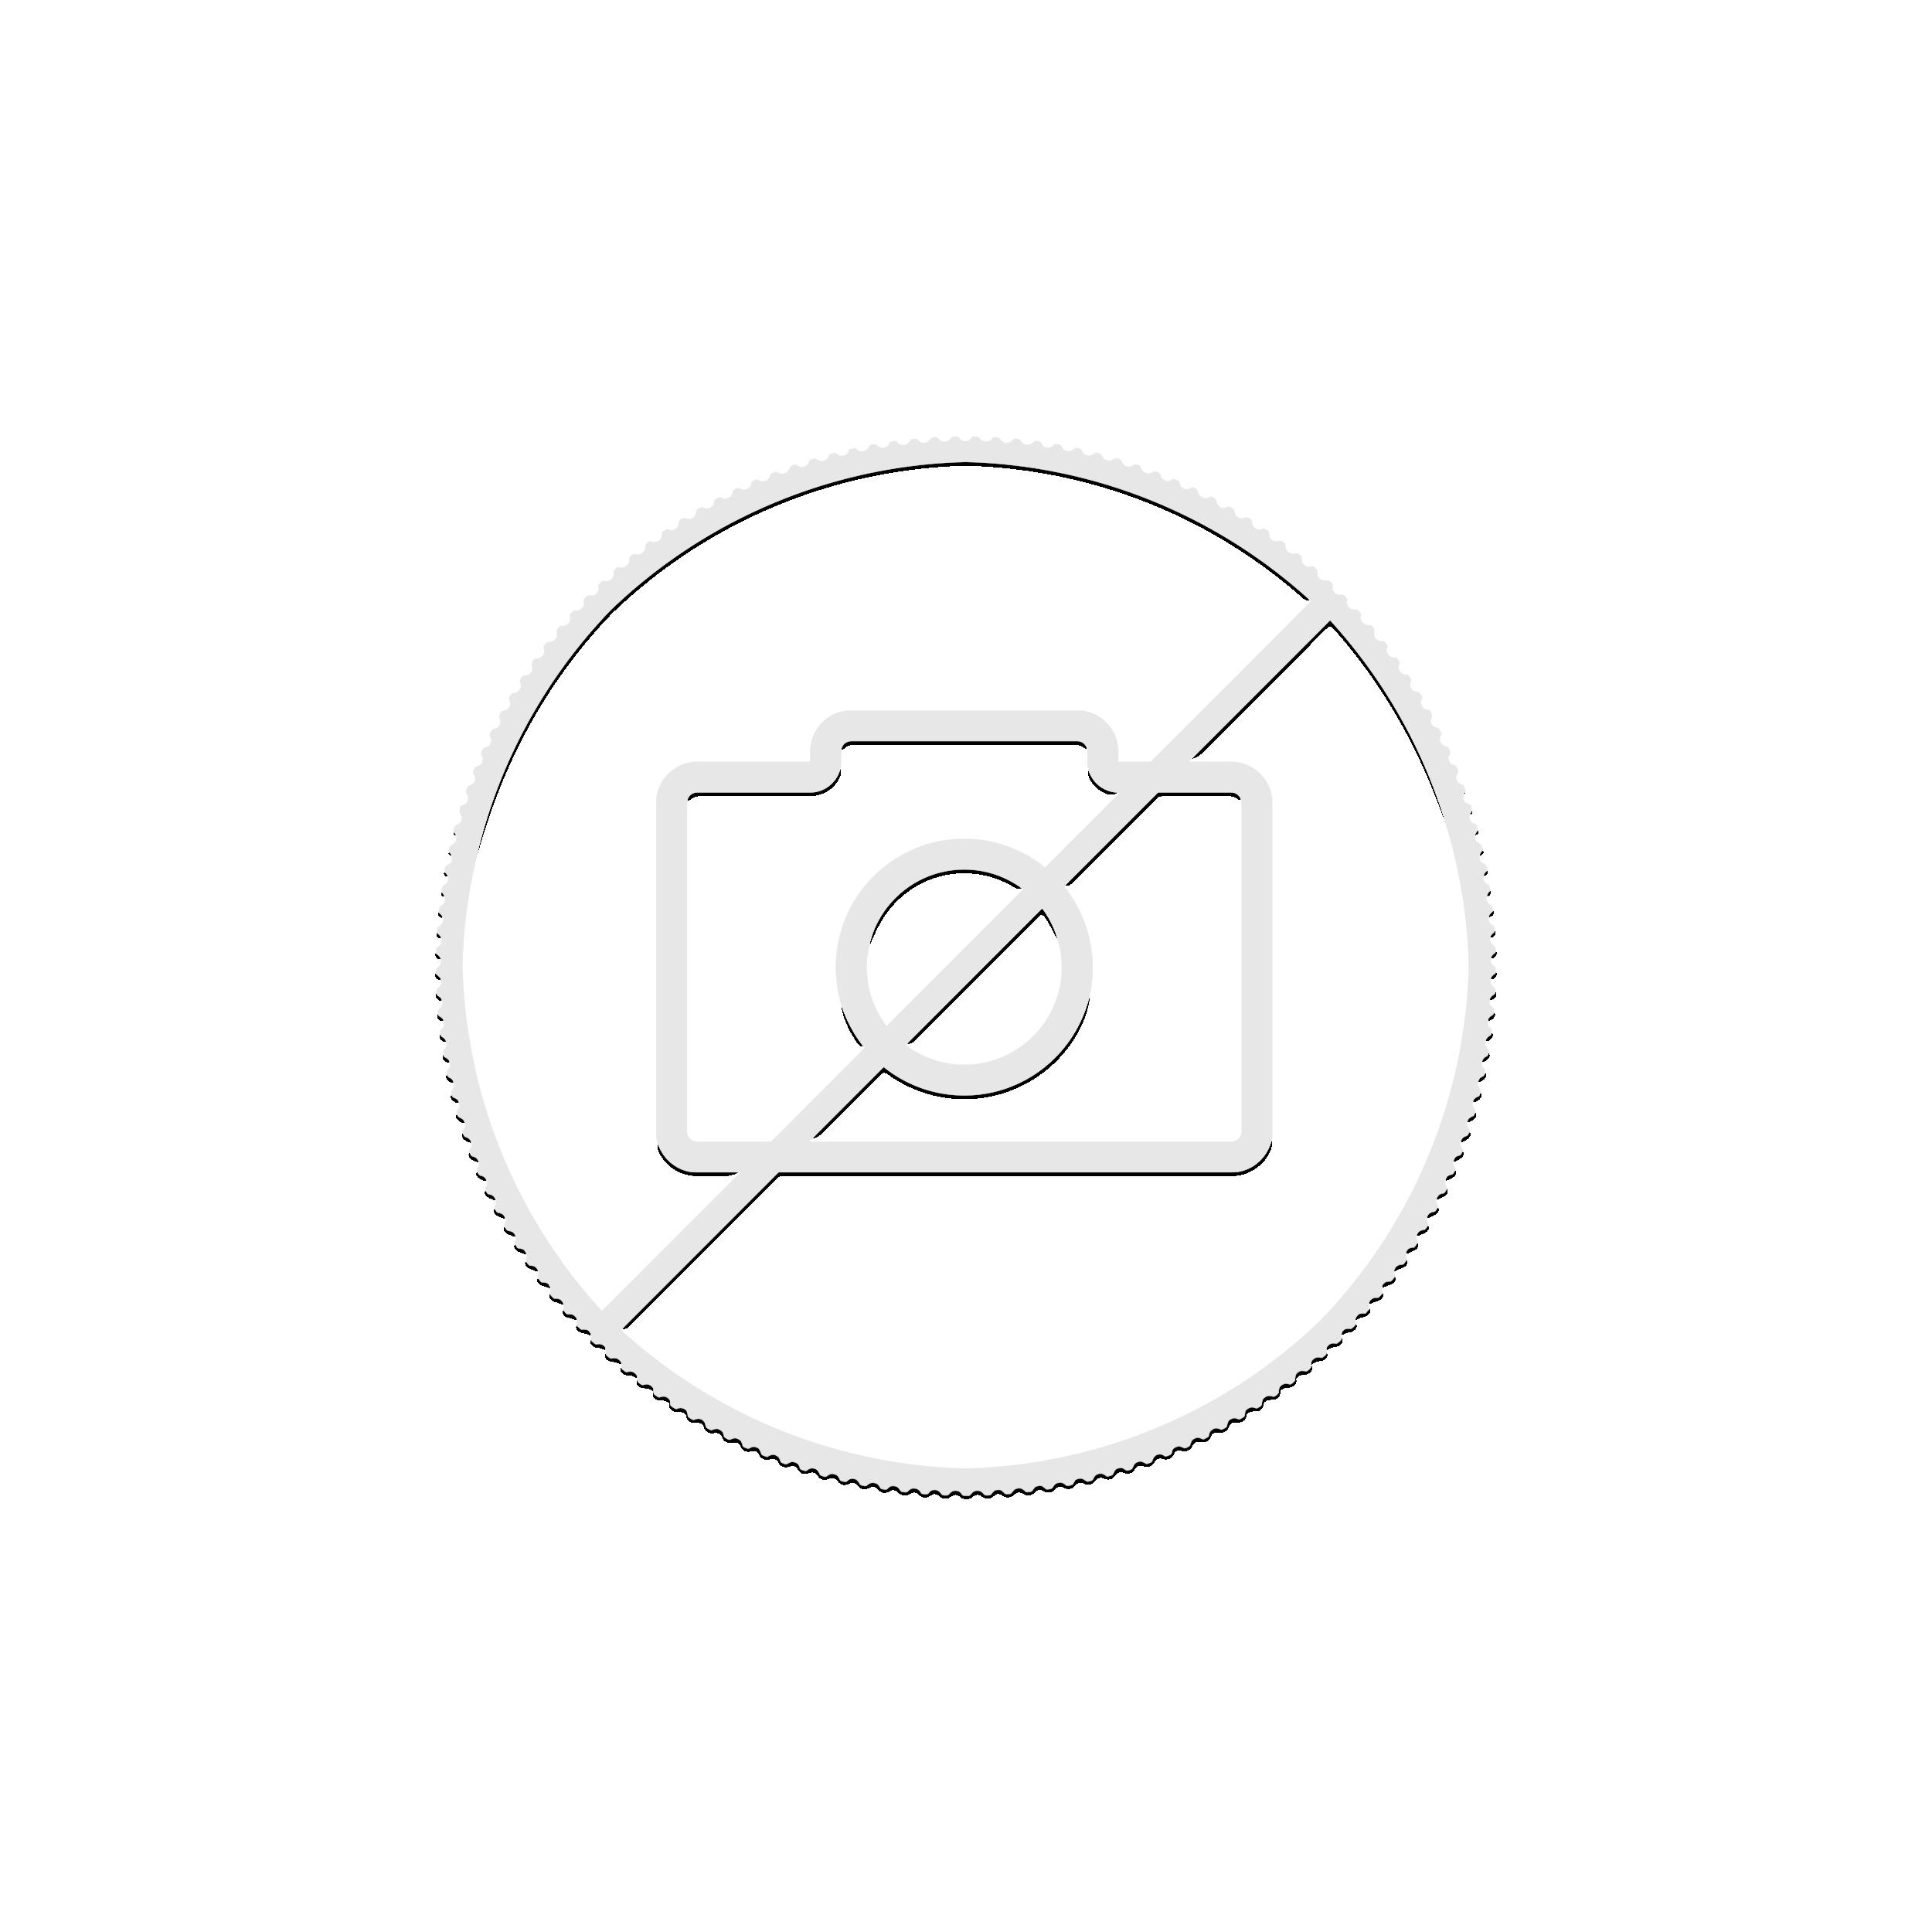 2 x 1 oz zilveren munt Germania Beast Fafnir 2020 met capsule